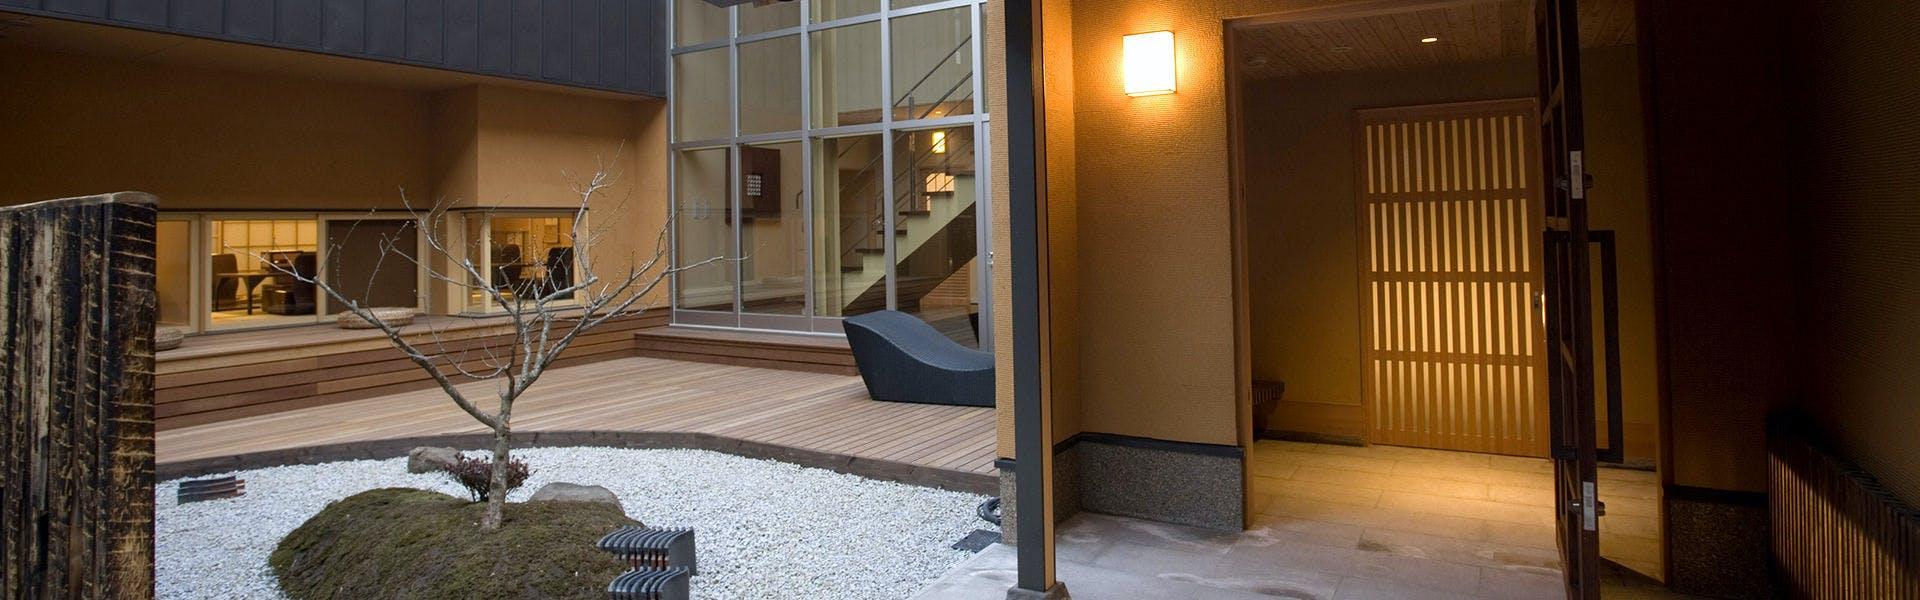 記念日におすすめのホテル・Onsen Ryokan 山喜の写真1